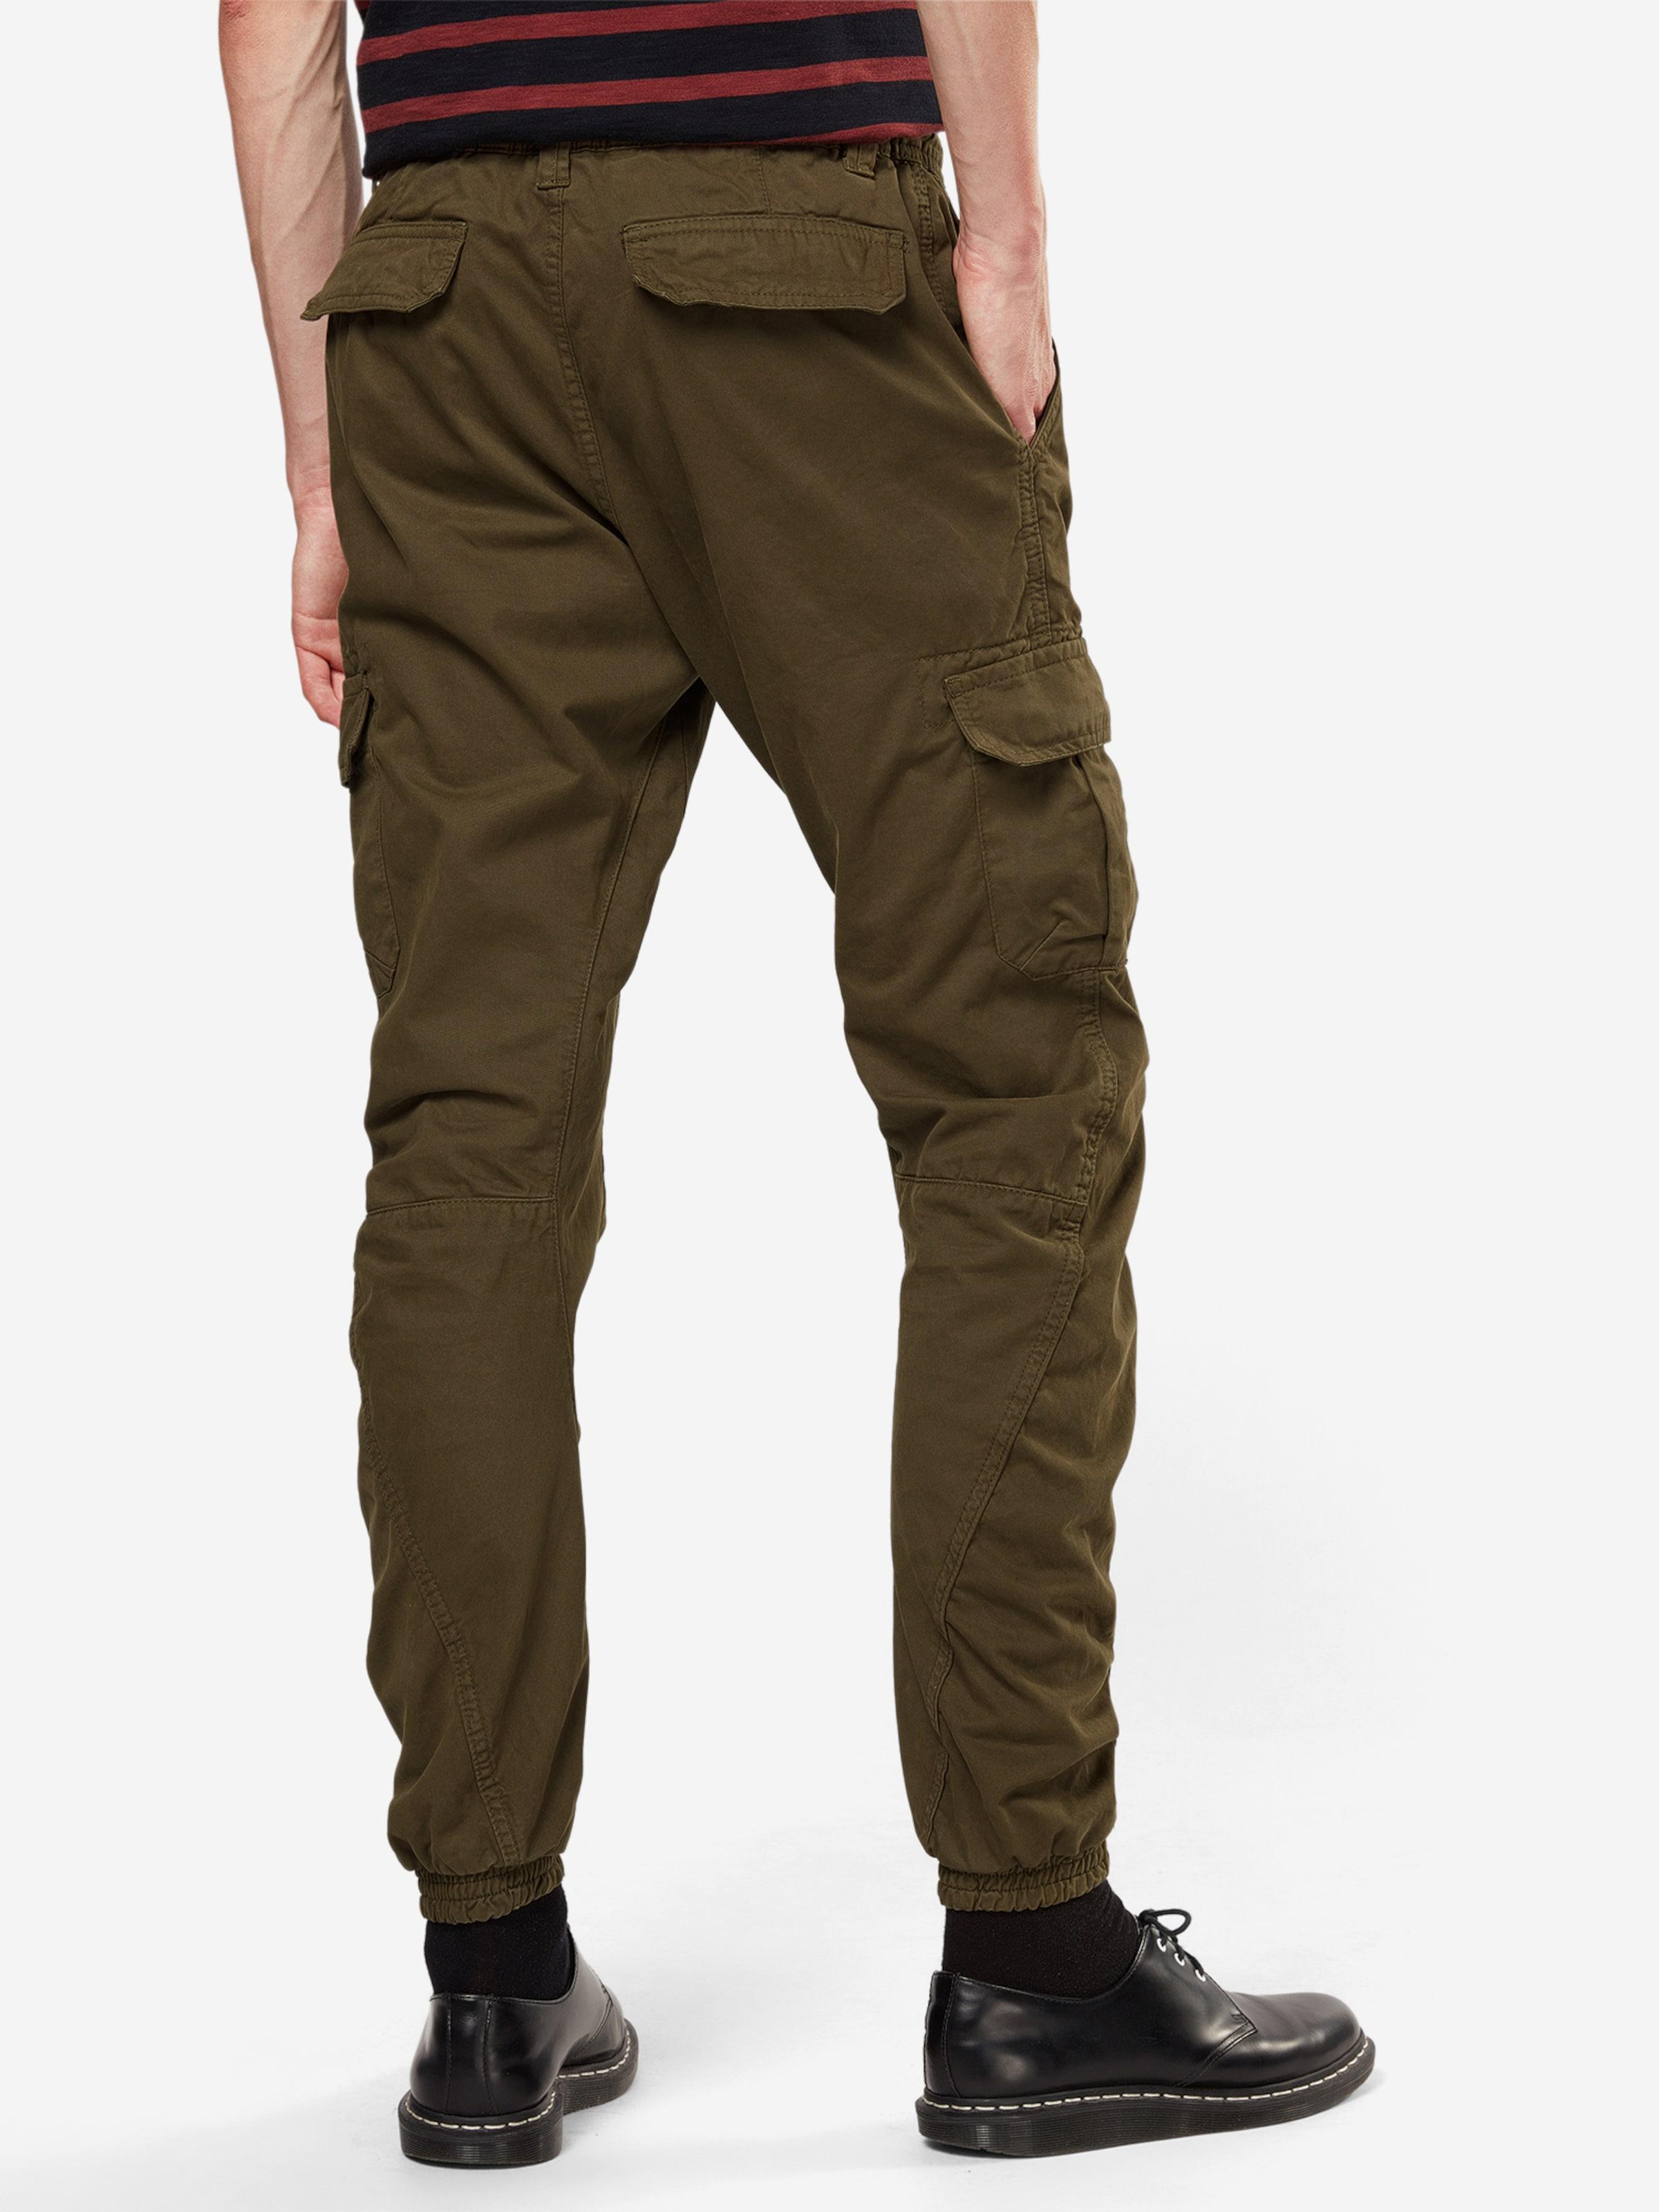 Urban En Sable Classics Cargo Pantalon b7vf6ygY